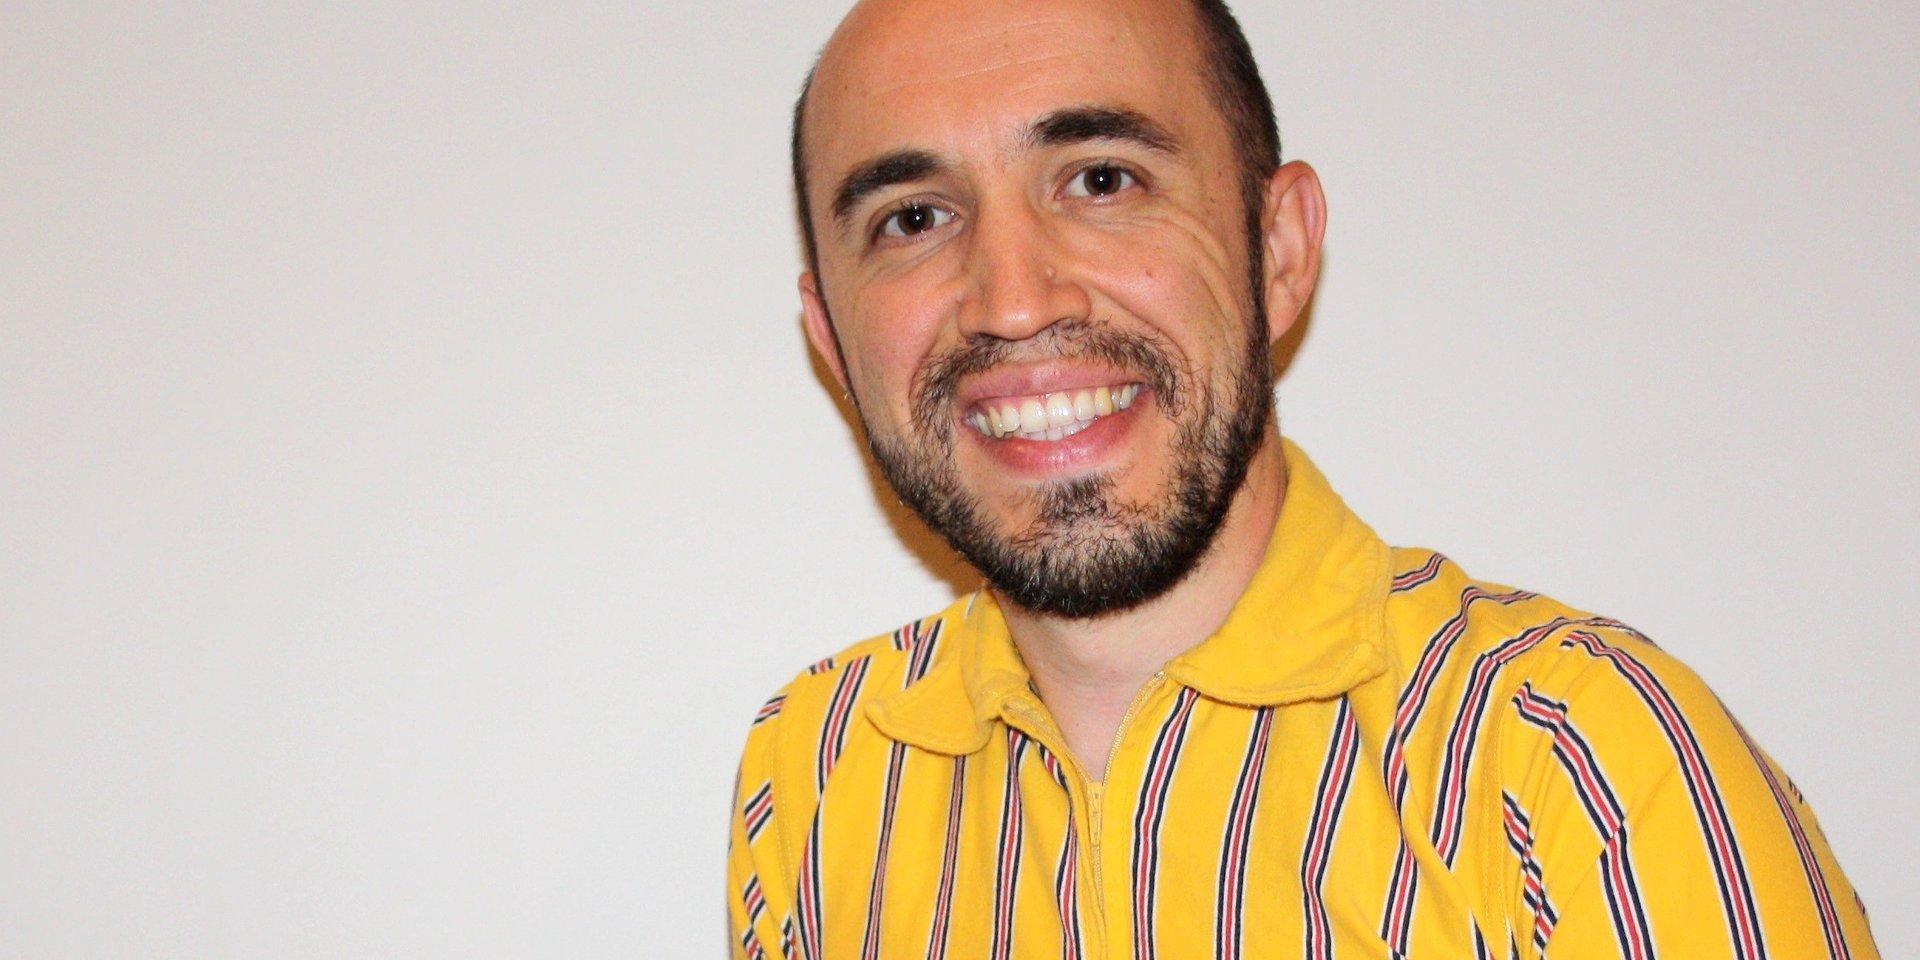 Jordi Esquinas objął stanowisko Dyrektora ds. Działalności Komercyjnej w IKEA Retail Polska